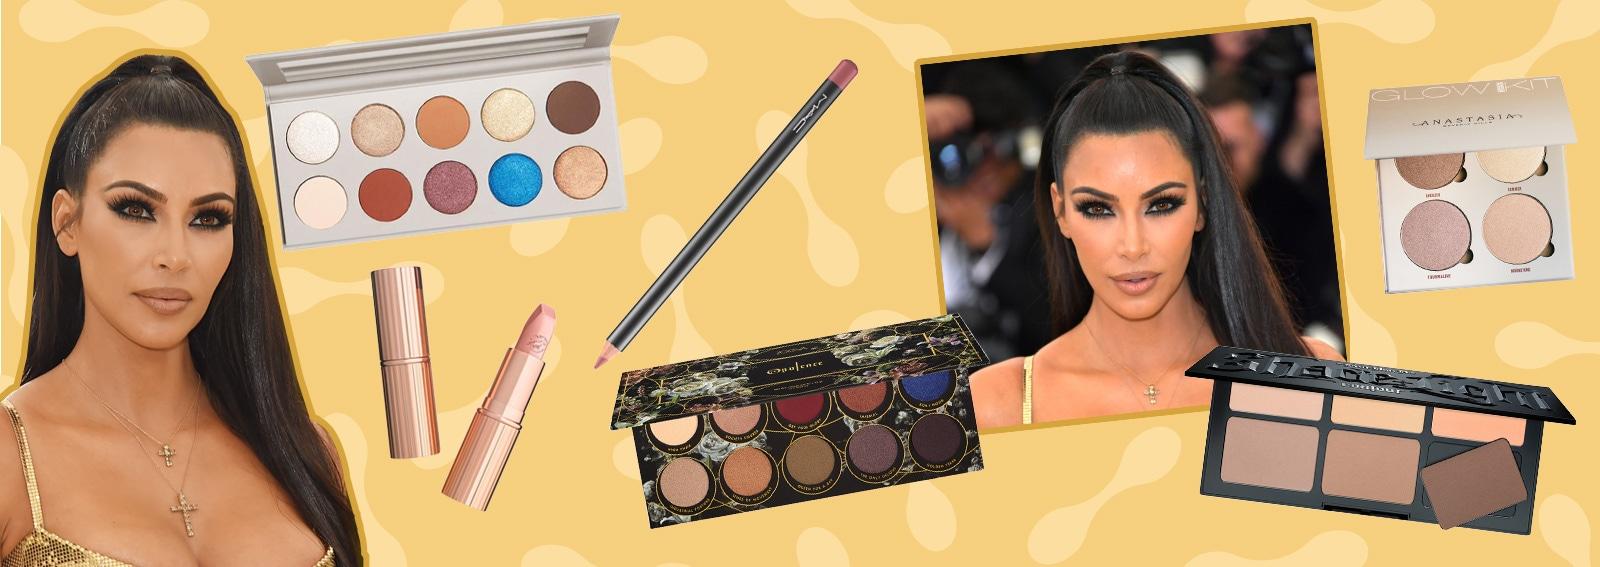 Copia il trucco di Kim Kardashian con occhi intensi e viso flawless